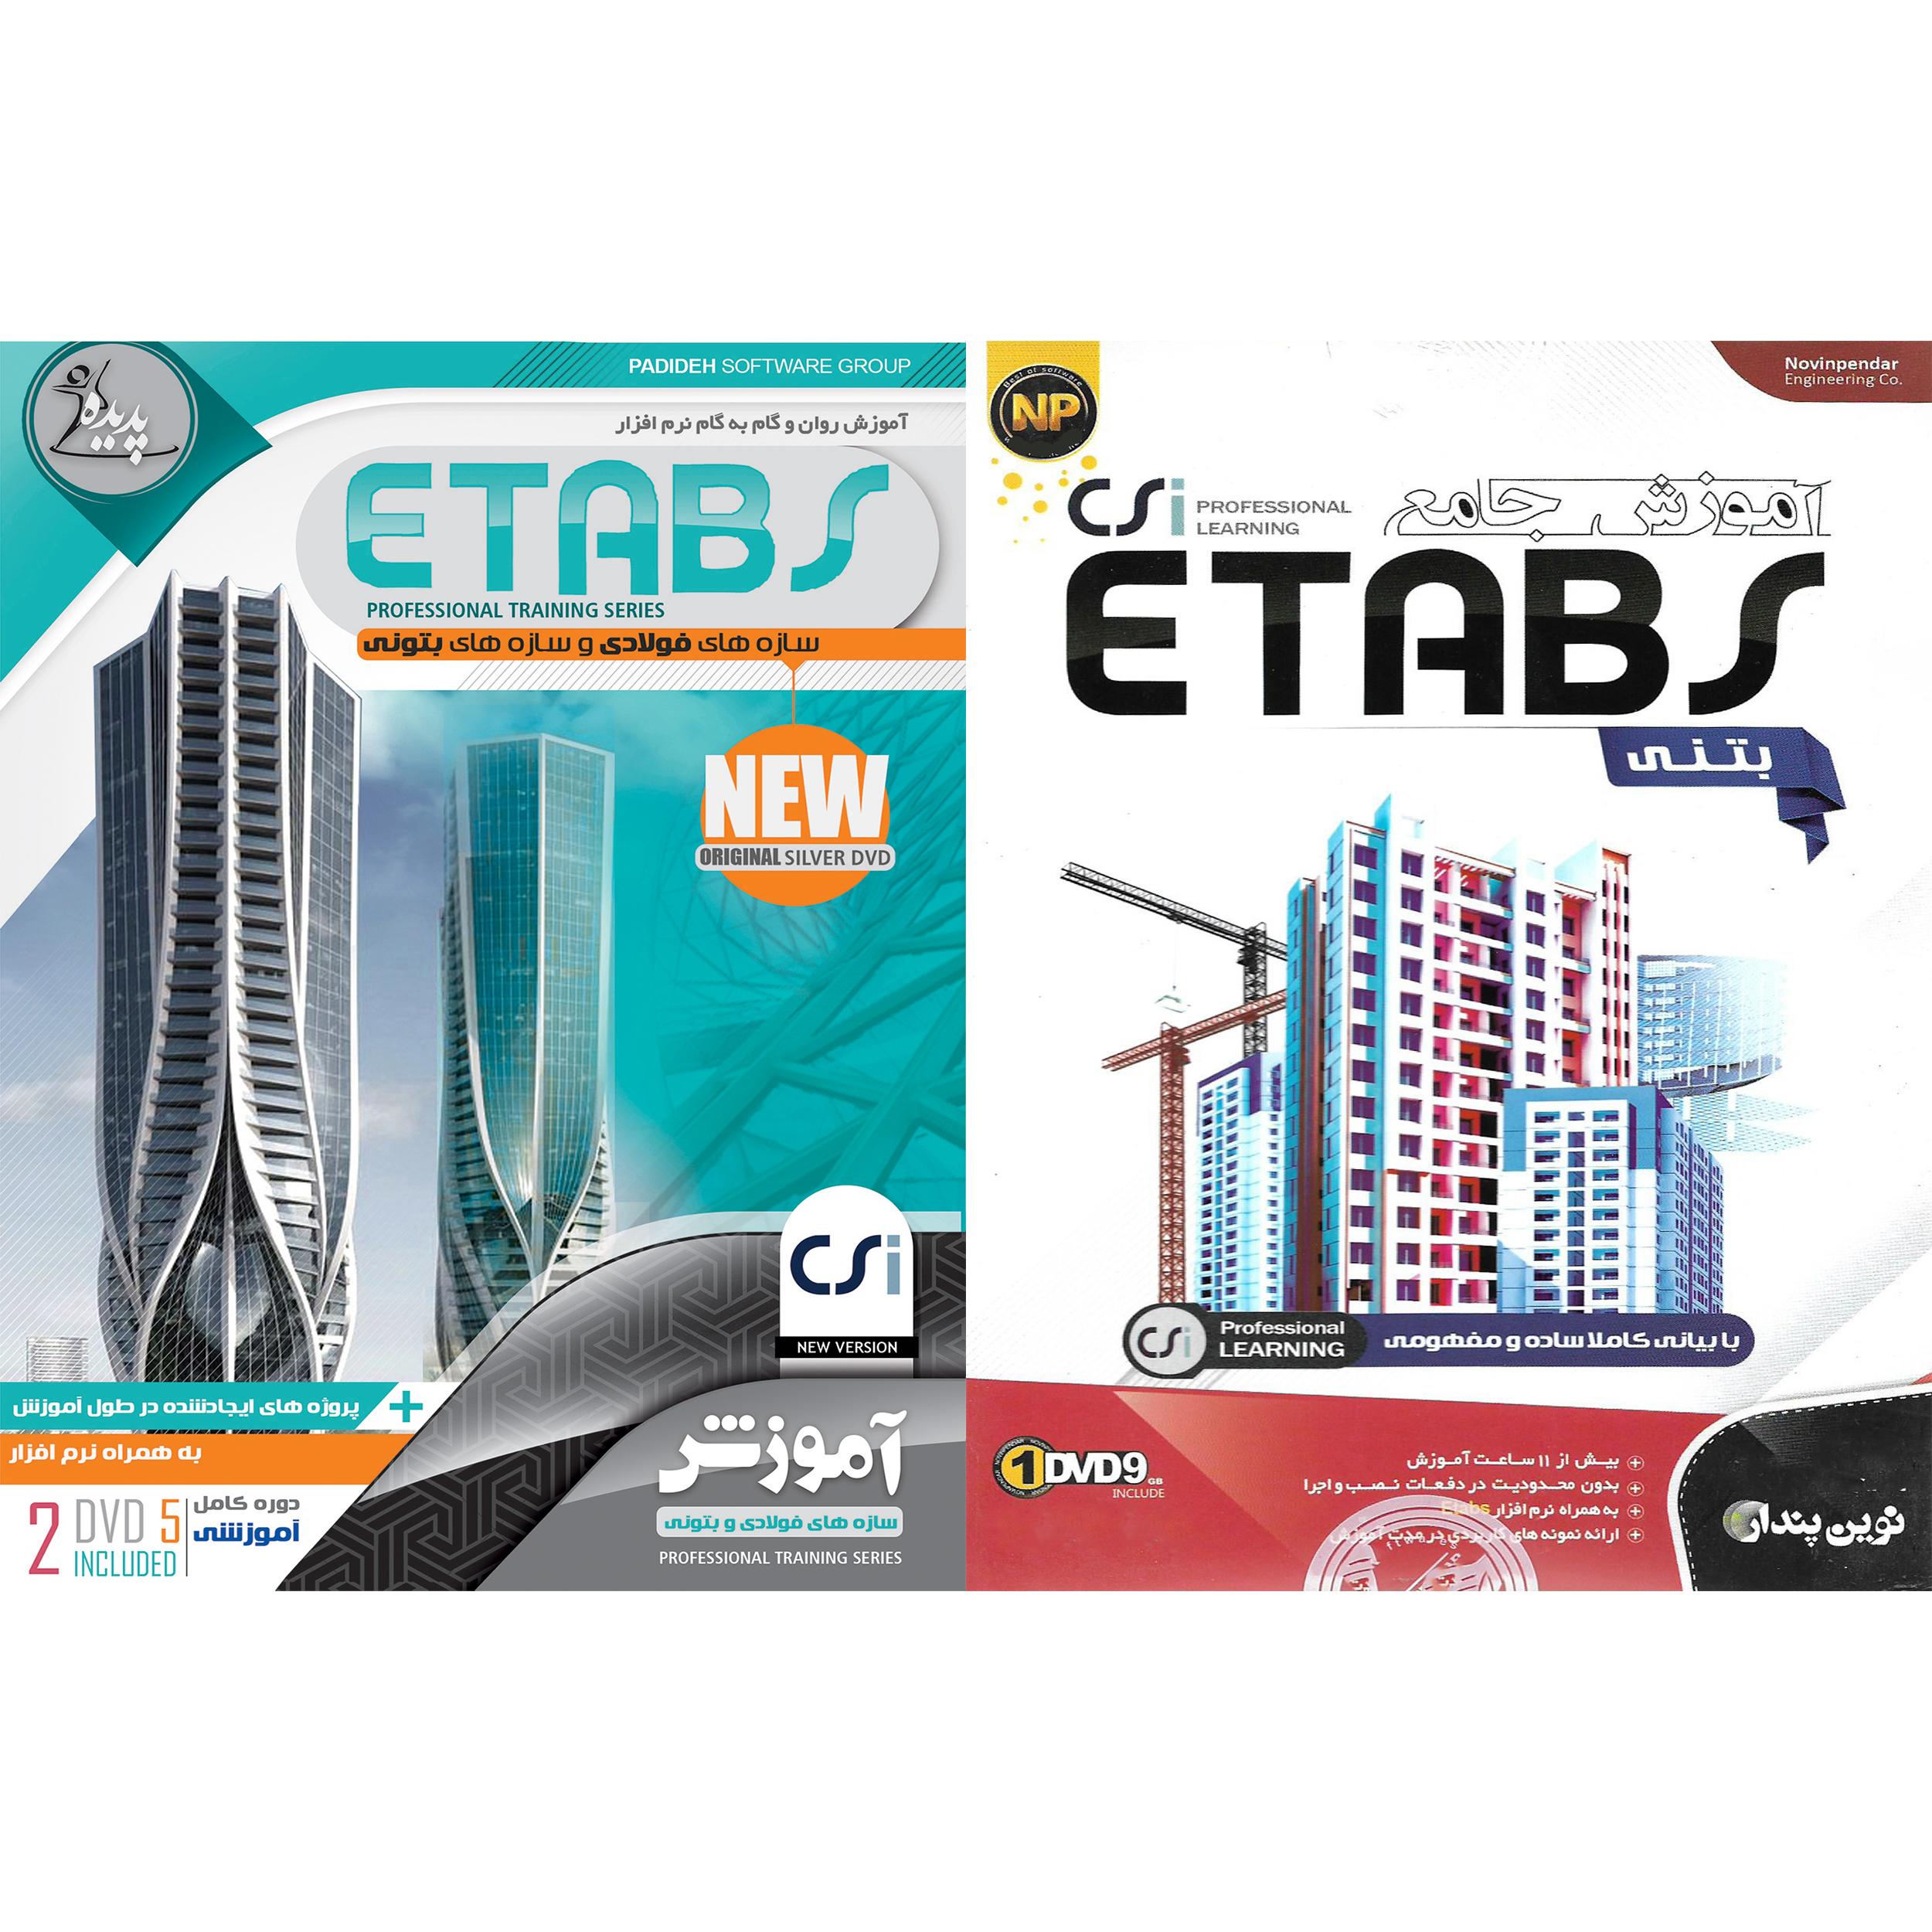 نرم افزار آموزش ETABS بتنی نشر نوین پندار به همراه نرم افزار آموزش ETABS نشر پدیده